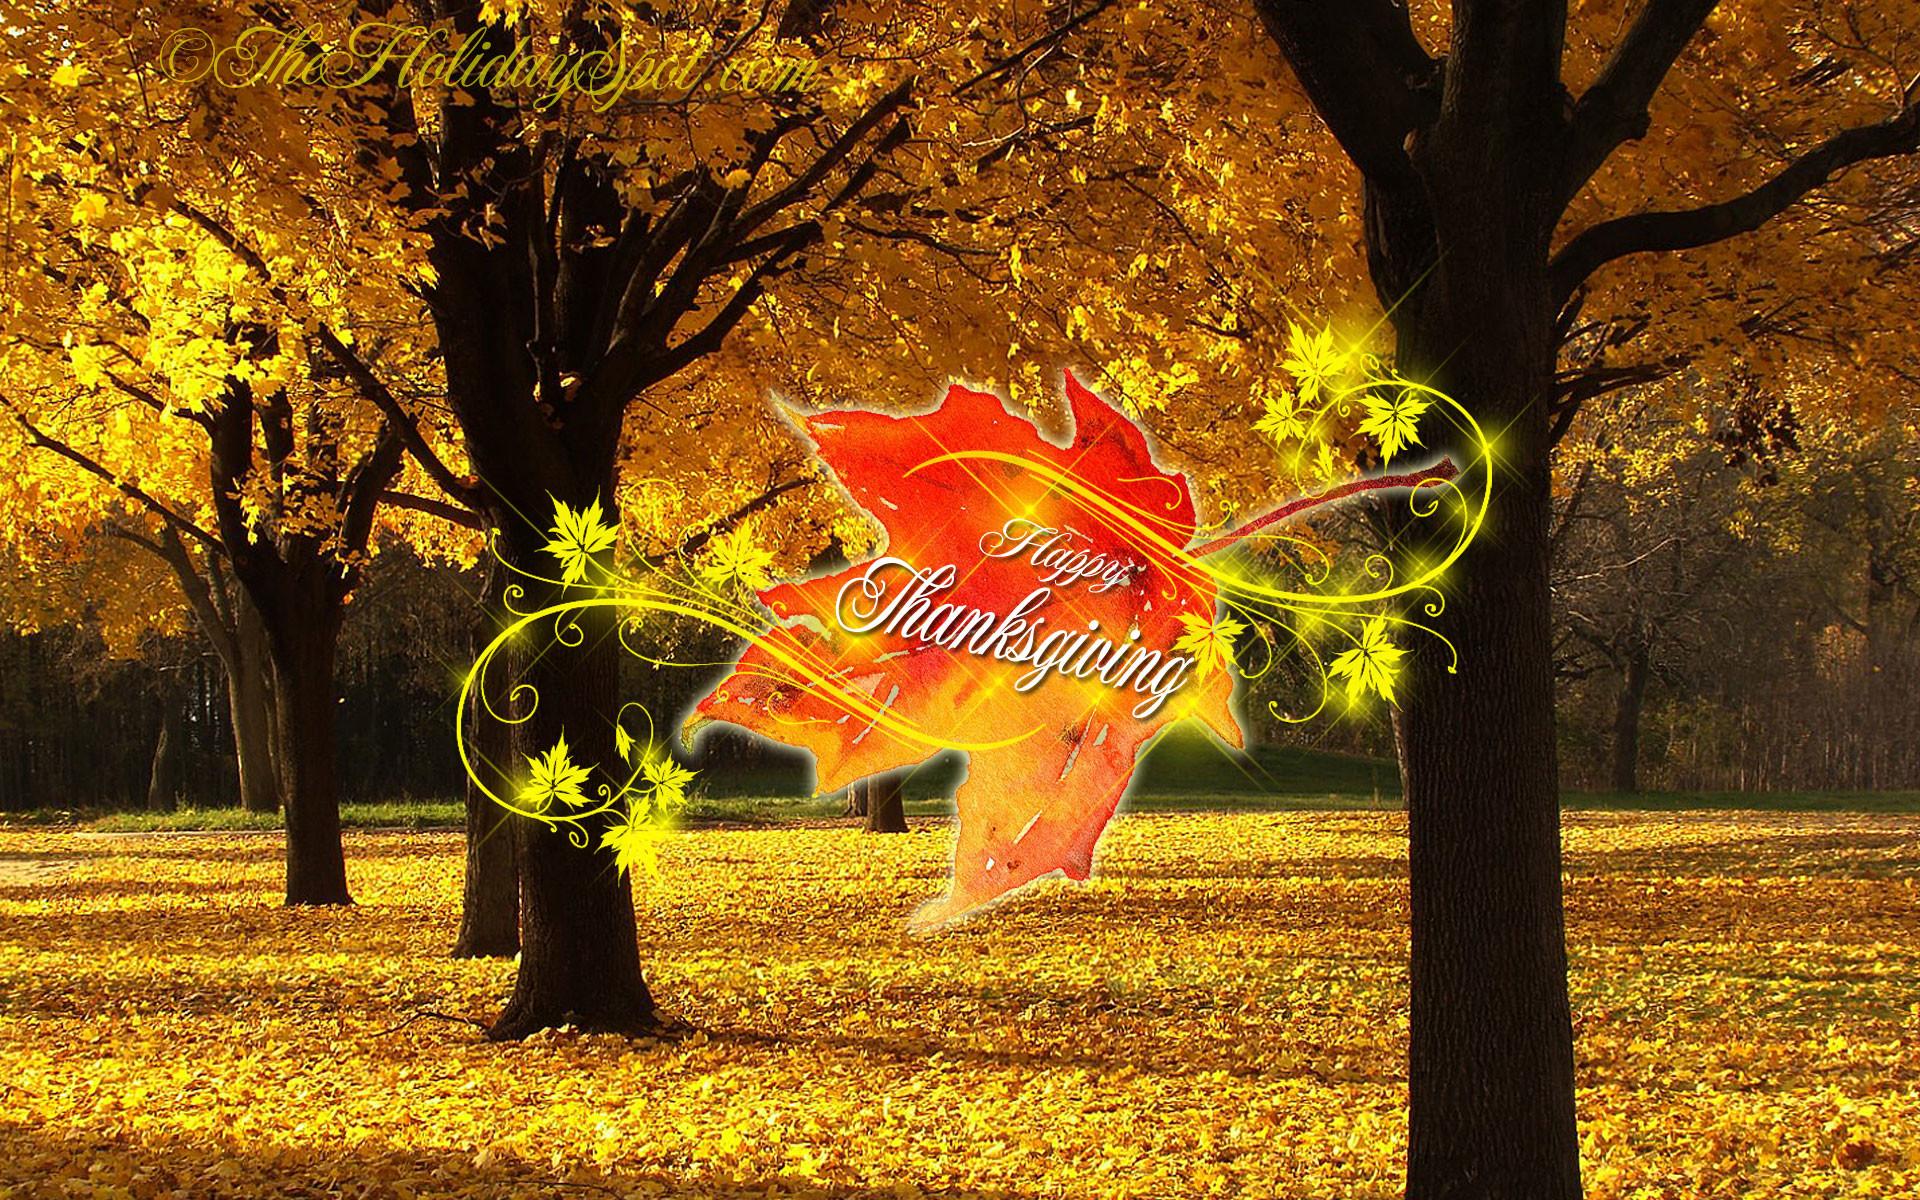 Thanksgiving Wallpaper: Download Desktop Thanksgiving Wallpaper Free .